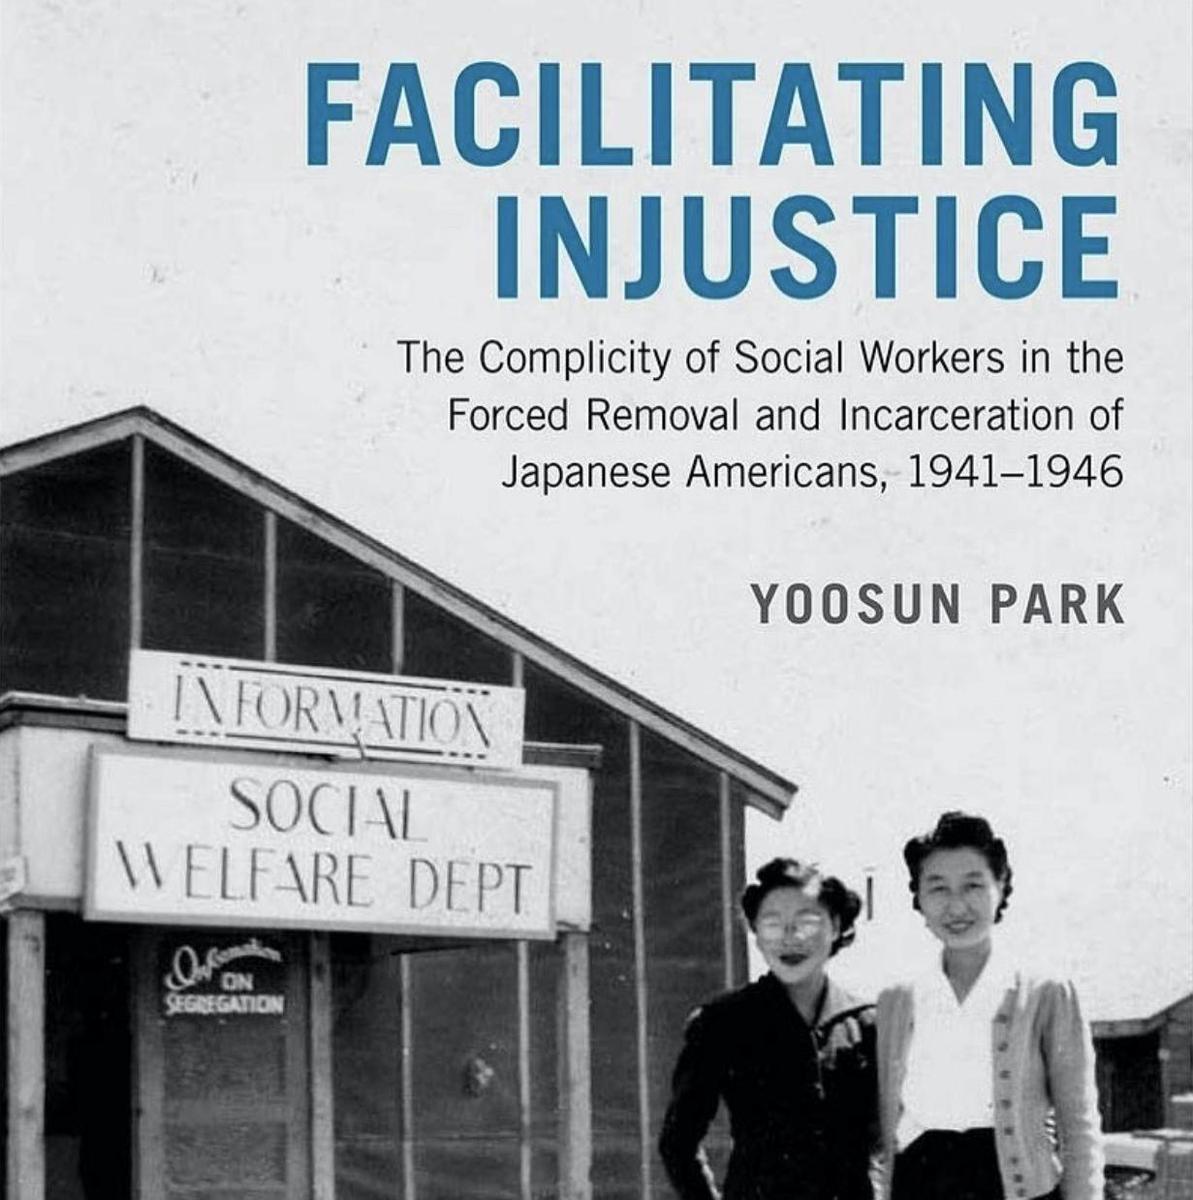 Dr Yoosan Park